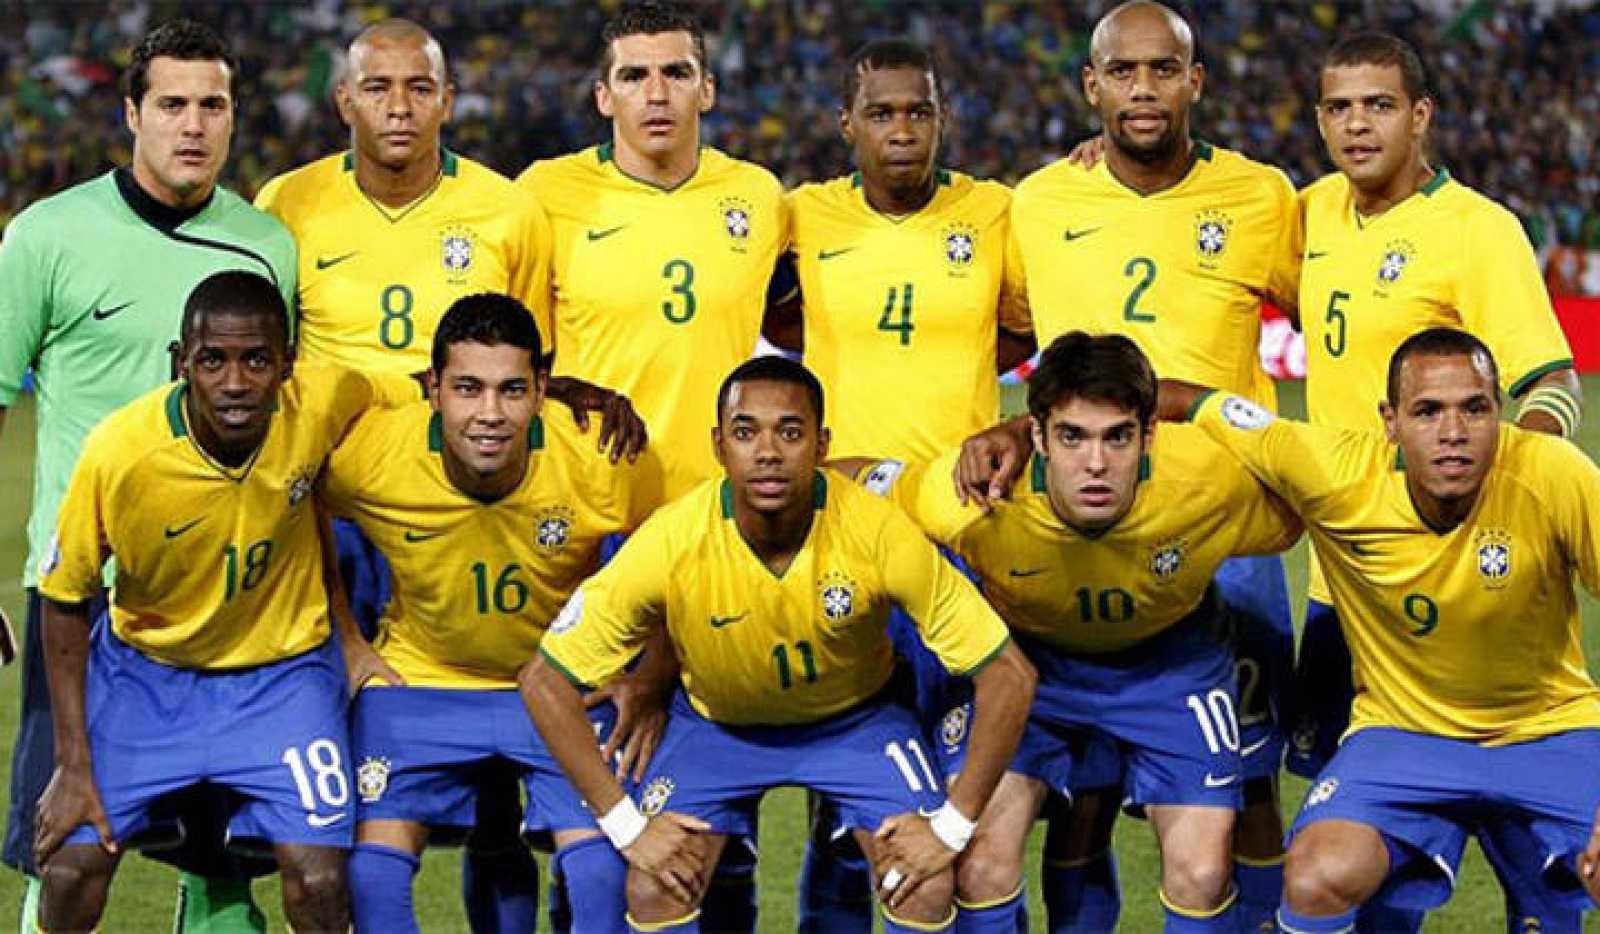 b34a38fb3b52d La selección que defraudó en el Mundial de Sudáfrica 2010